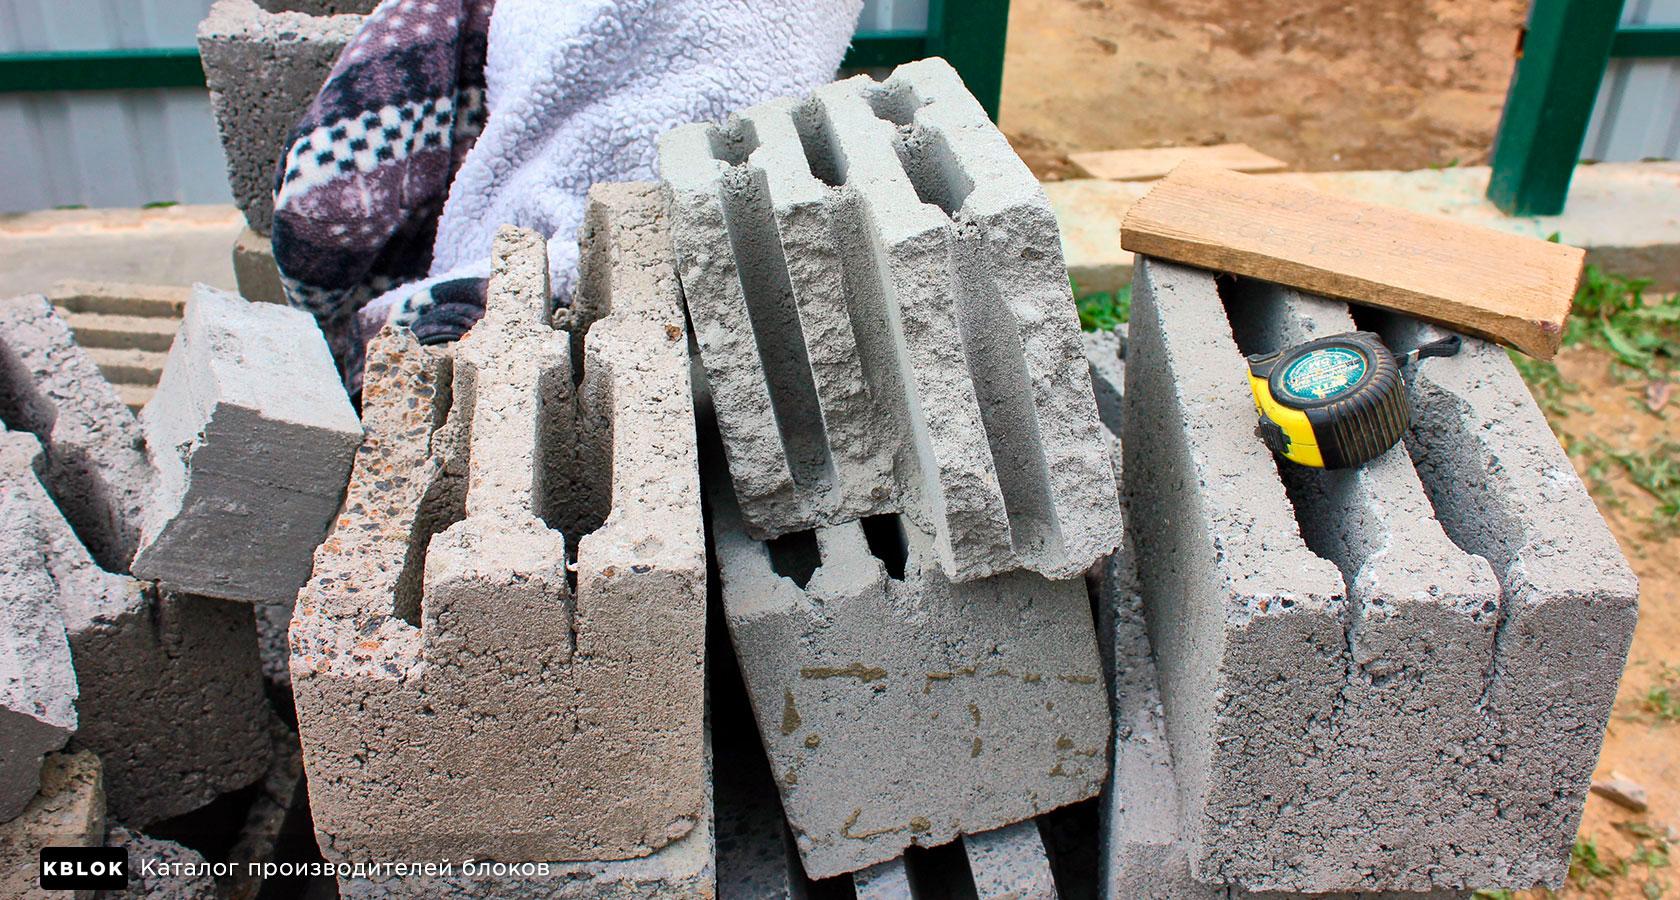 Керамзитобетон производитель смыт бетон